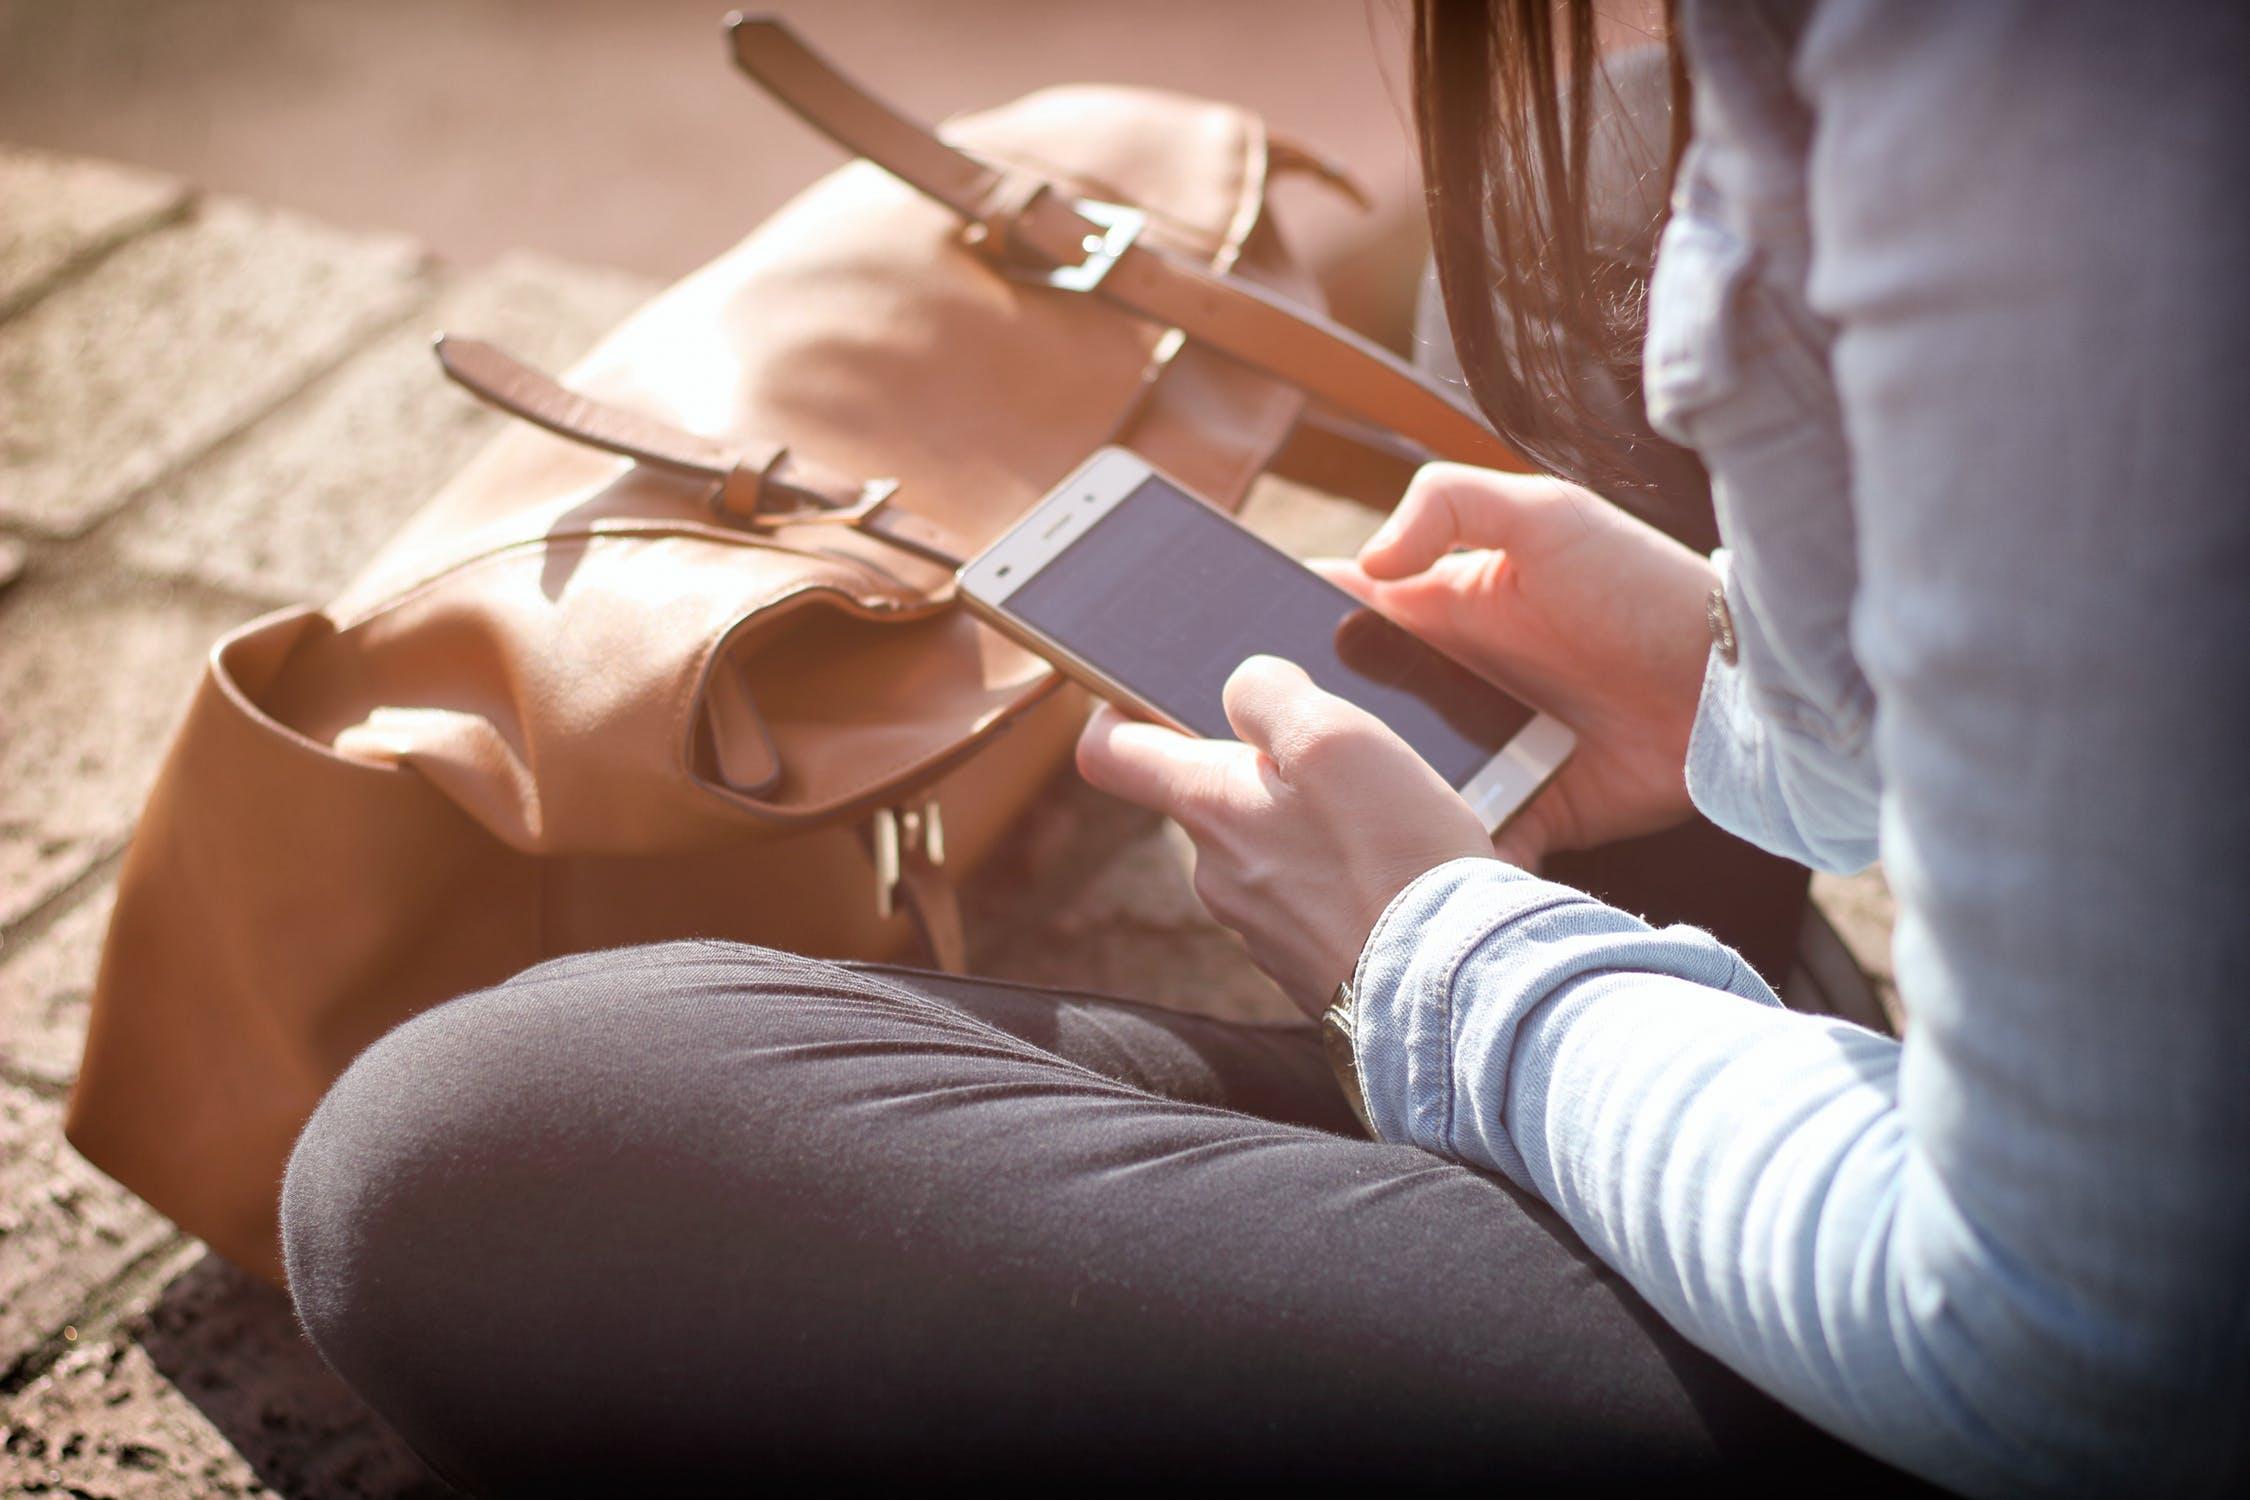 Как изменились смартфоны за 5 лет - смартфон в руках